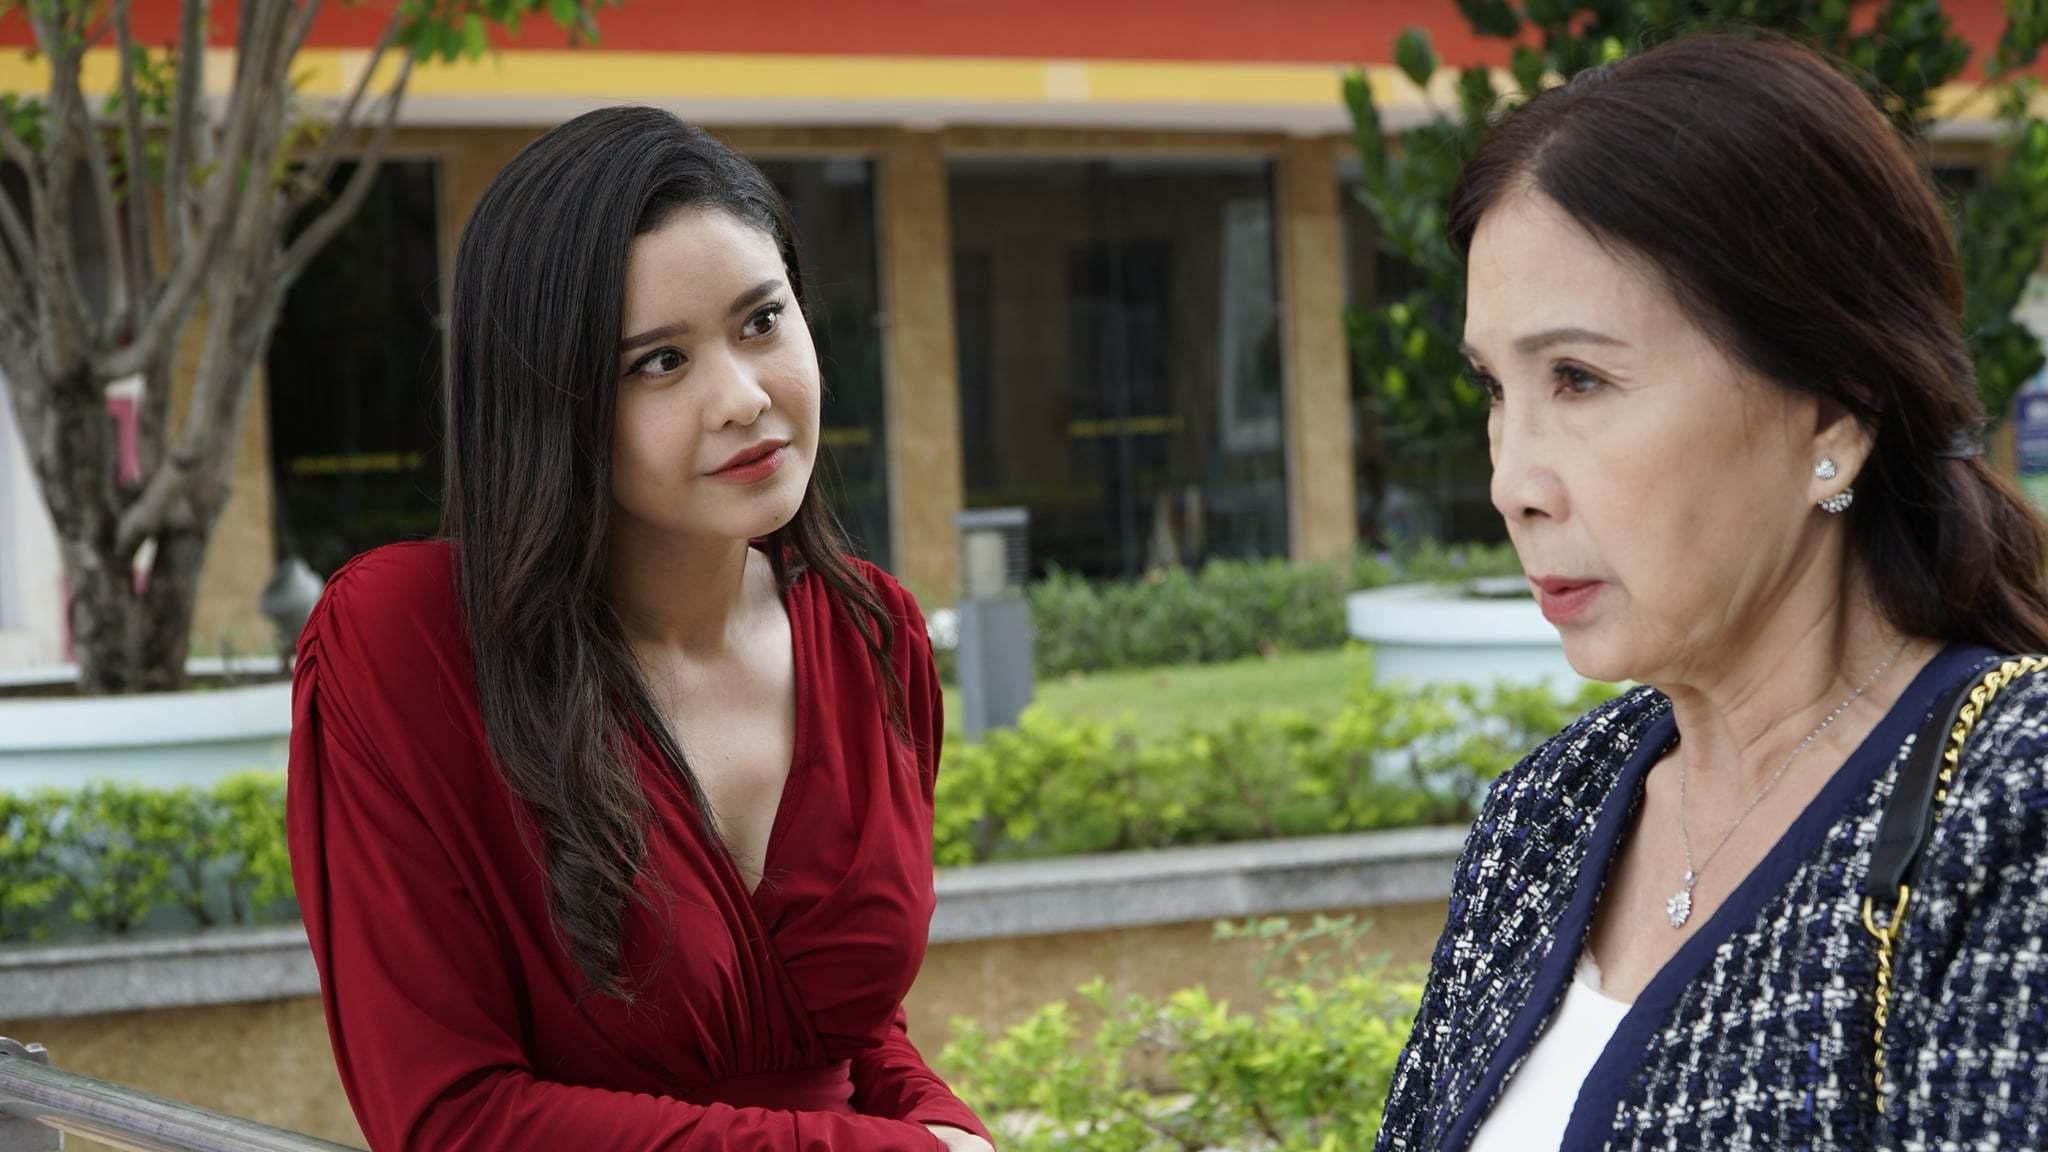 Phim nữ lãnh đạo ngành giáo dục, góa chồng thế sóng 'Tình yêu và tham vọng'